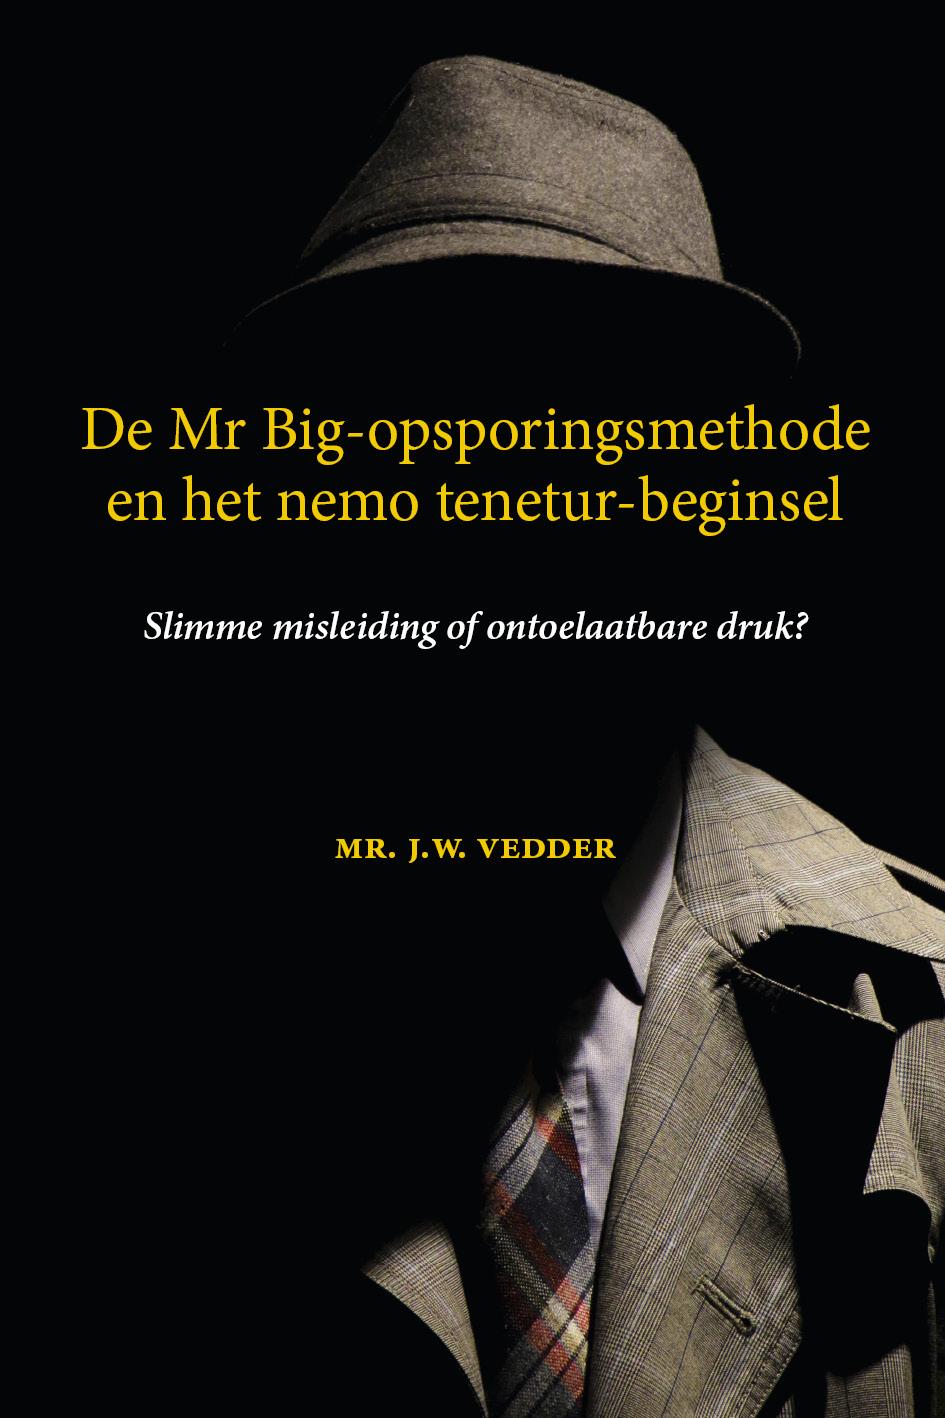 De Mr Big-opsporingsmethode en het nemo tenetur-beginsel